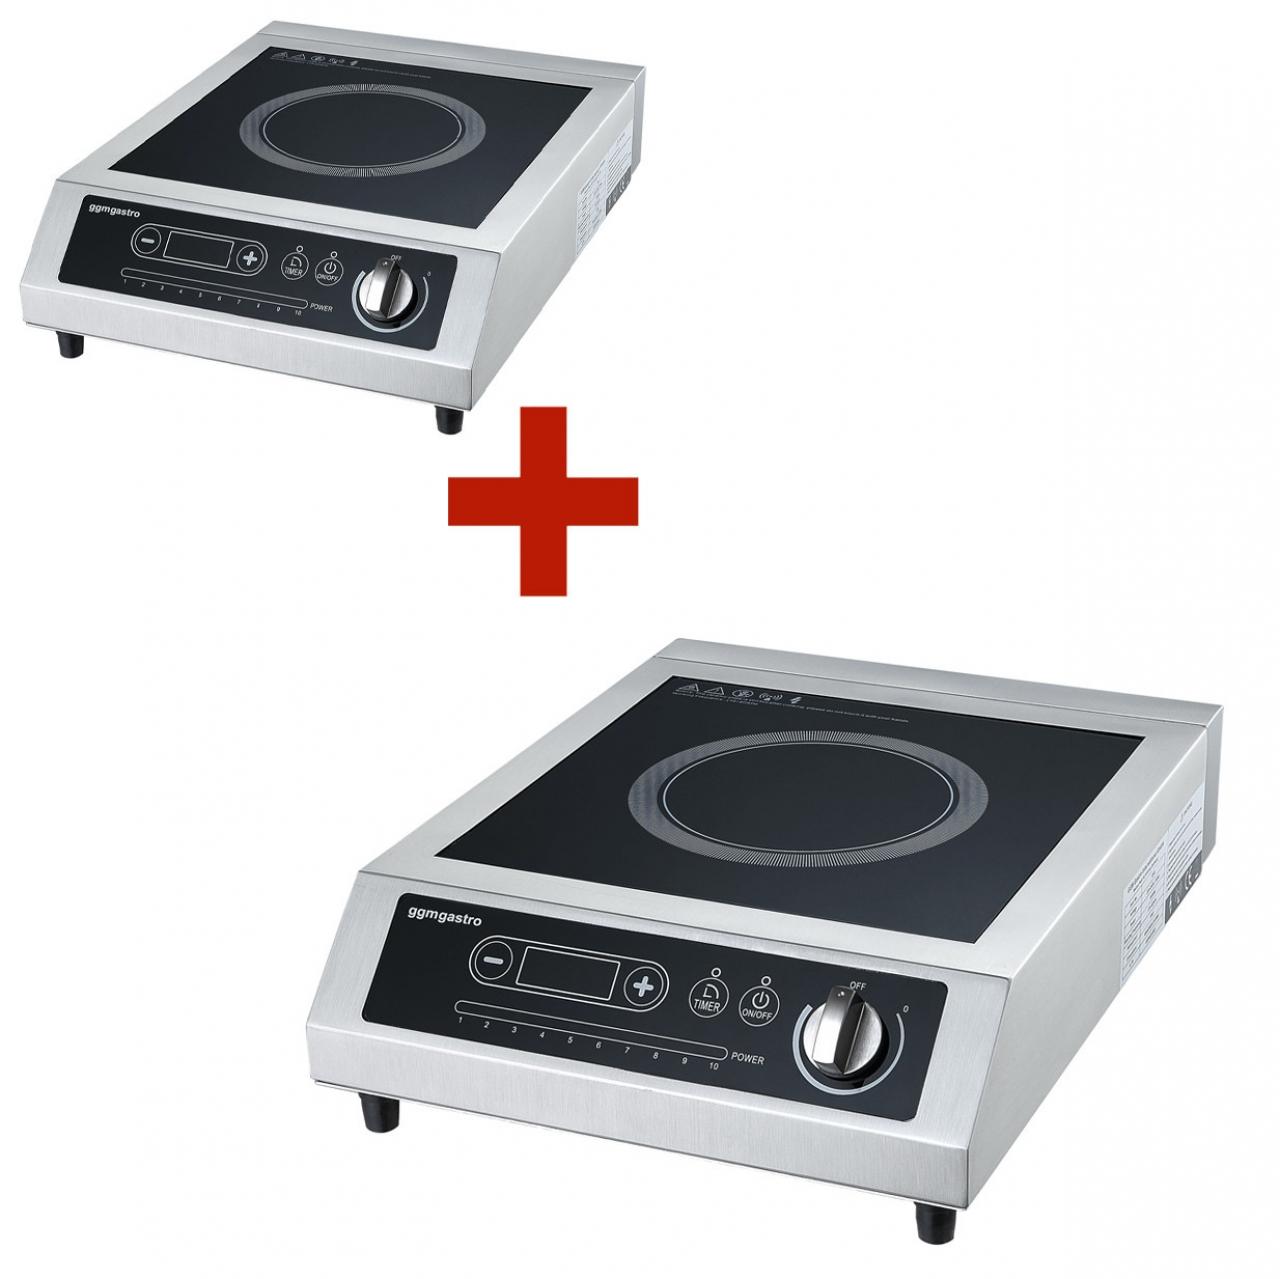 Induction cooker 2 pcs set 3.5 kW